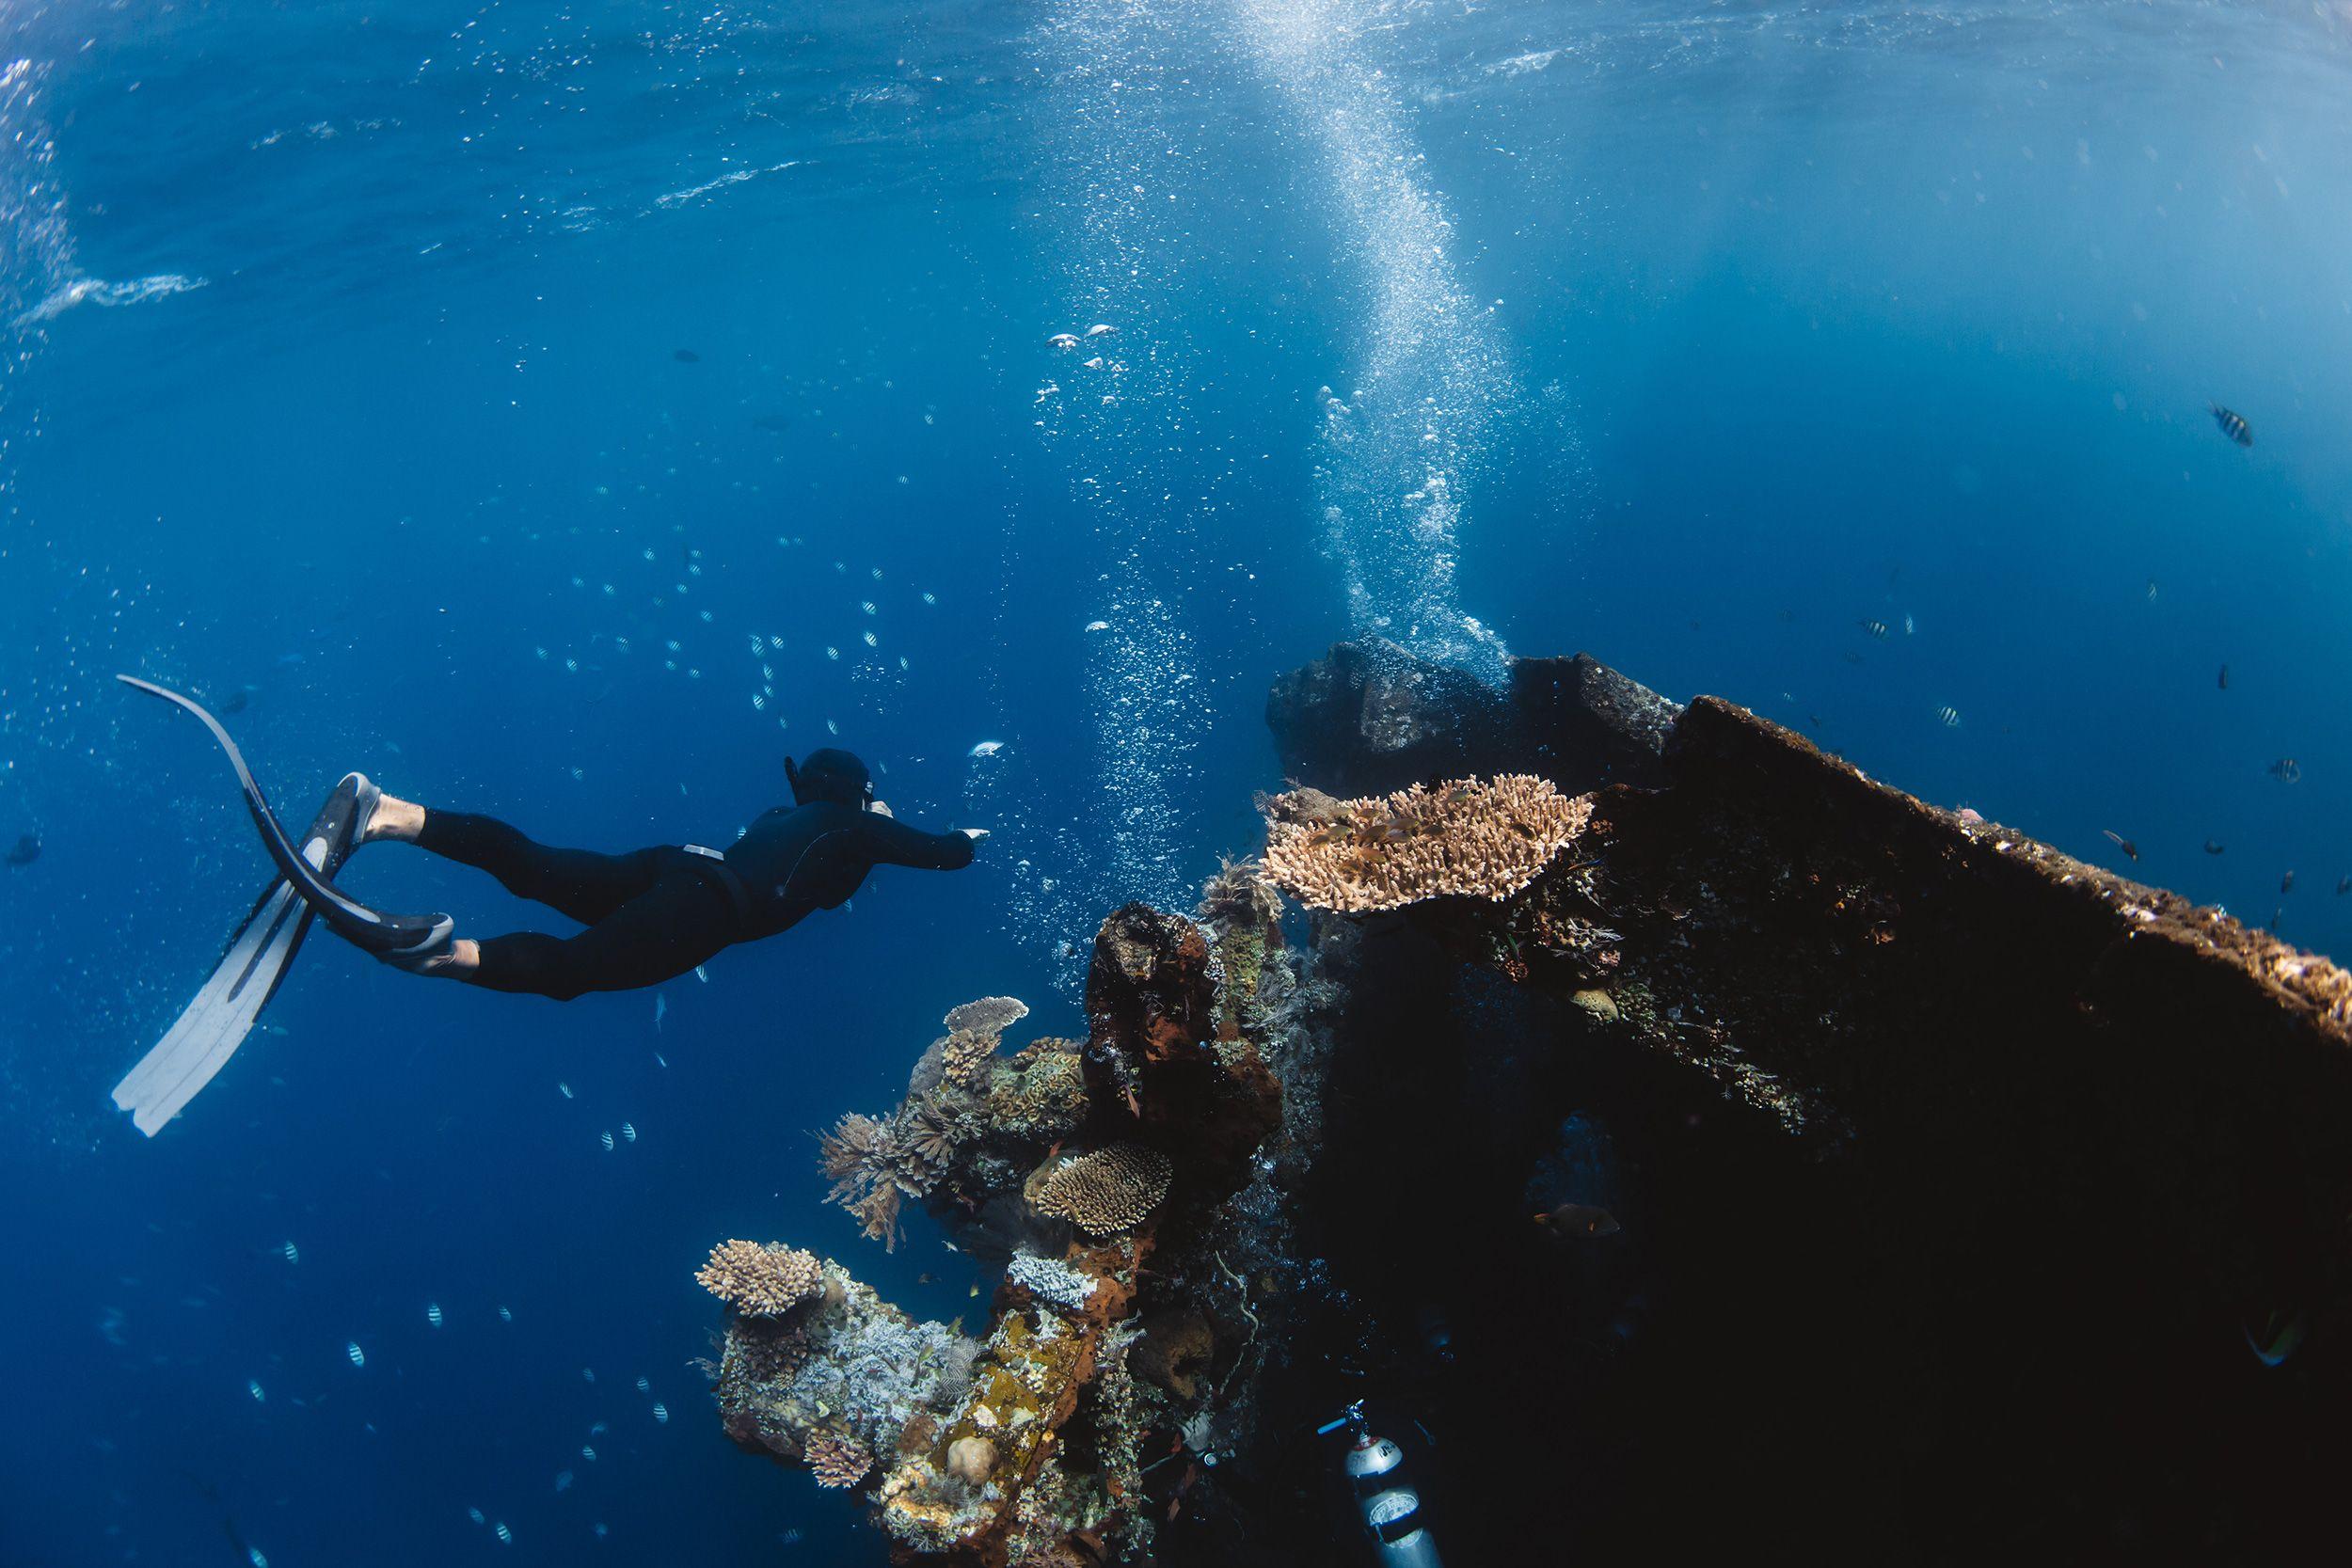 freediver apnea bali - ocean culture - matt porteous